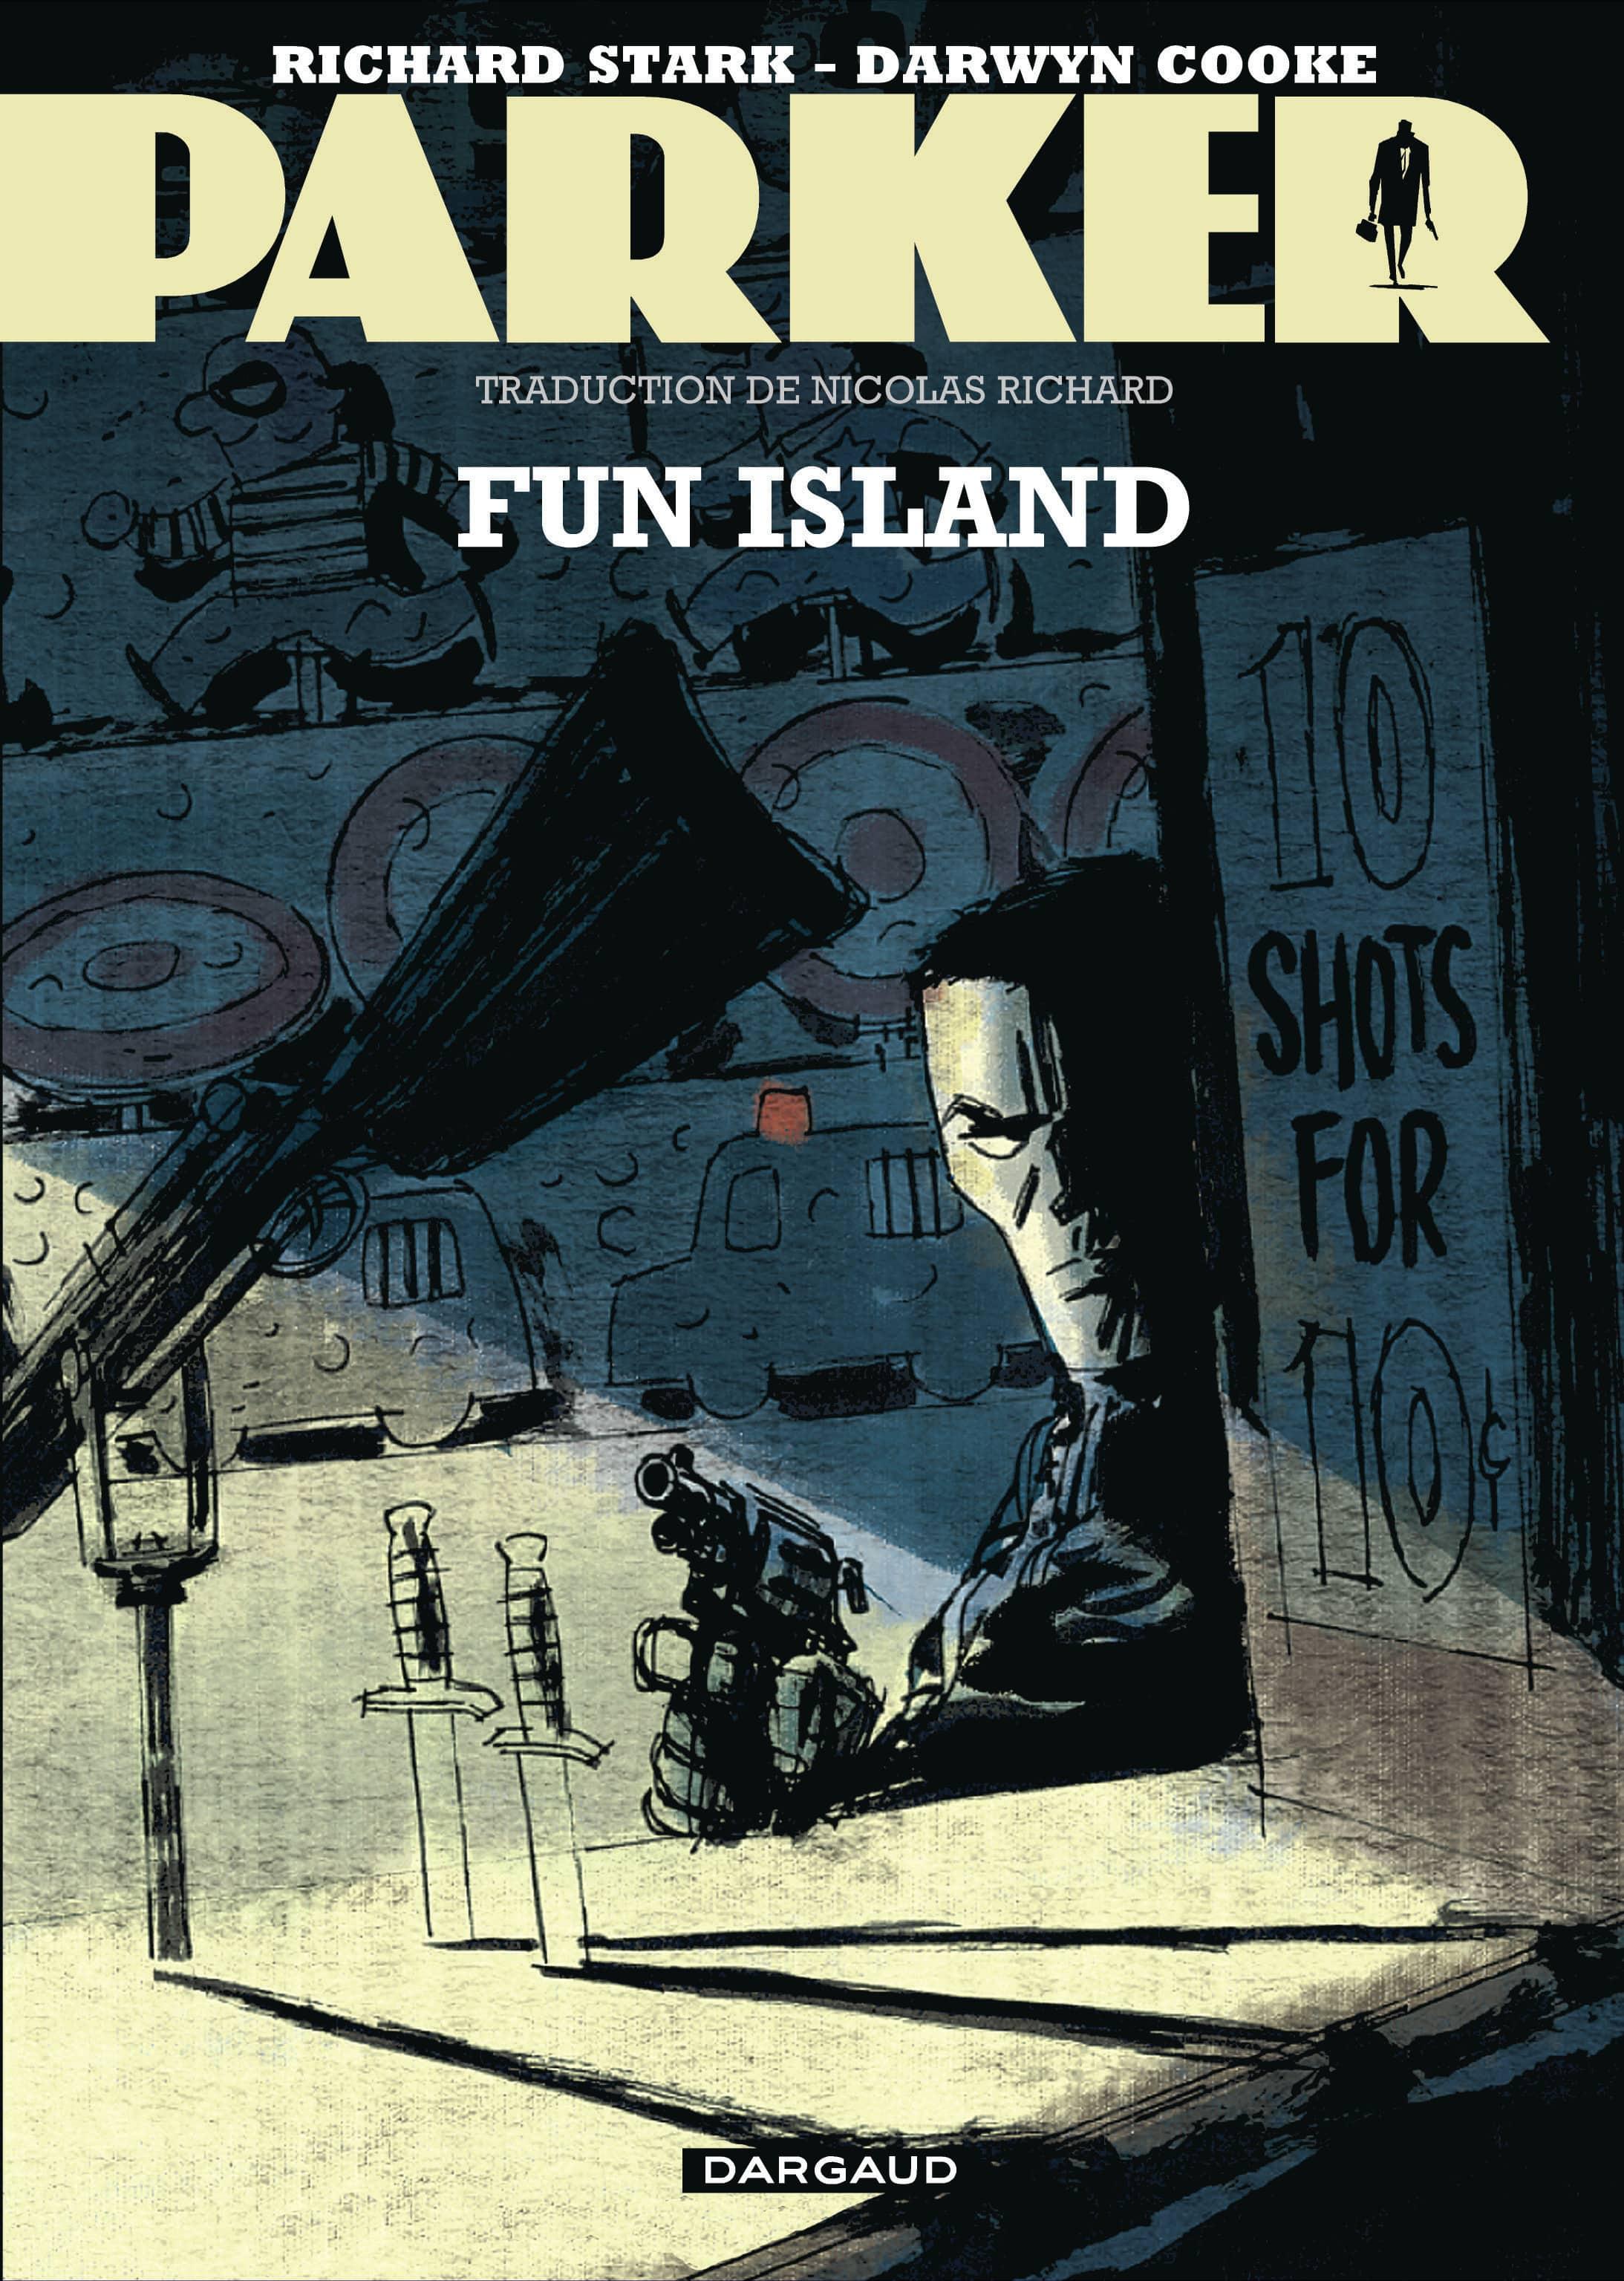 Parker est à la fête à Fun Island